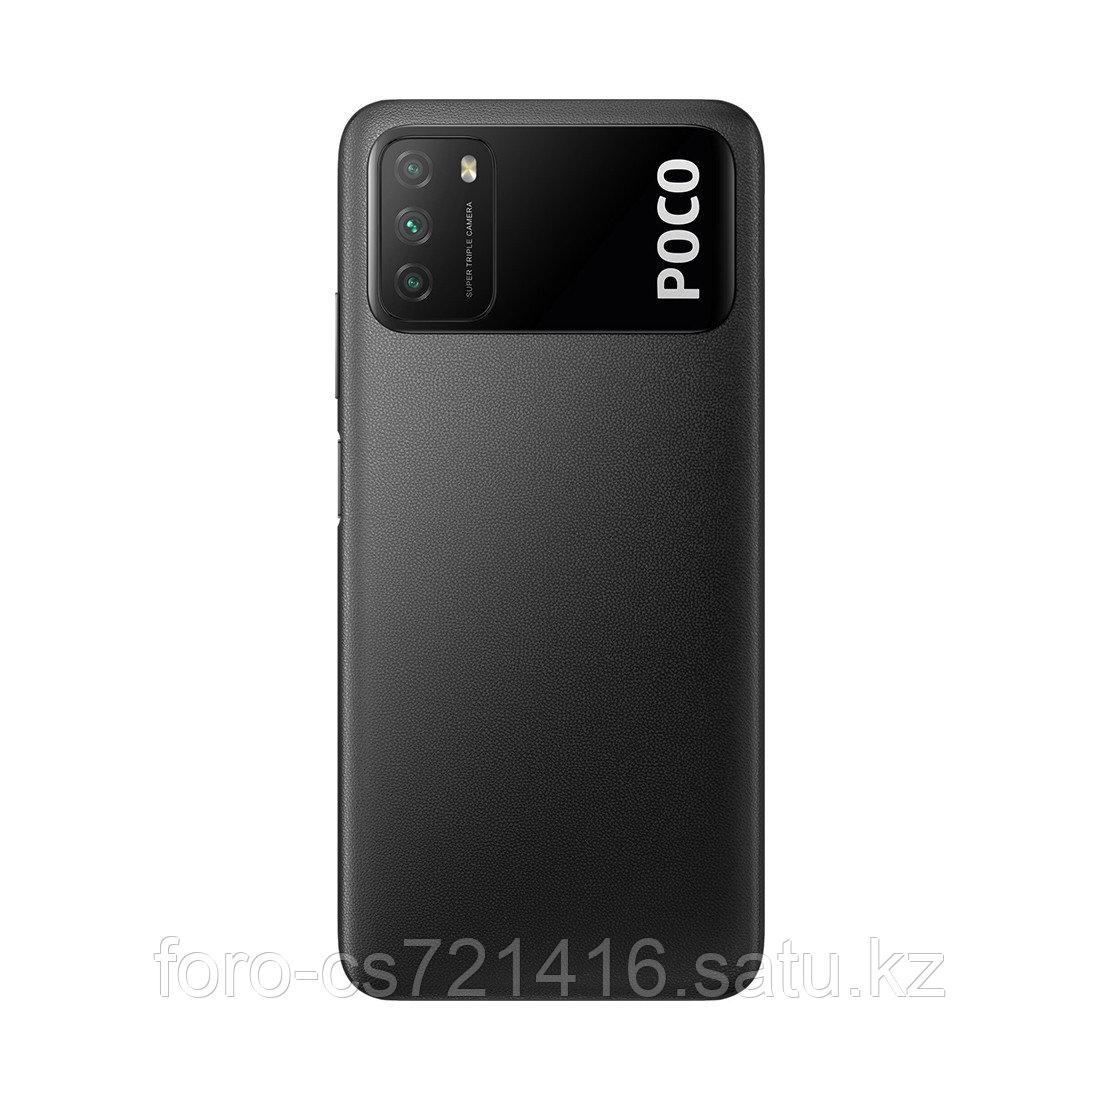 Мобильный телефон Poco M3 64GB Power Black - фото 2